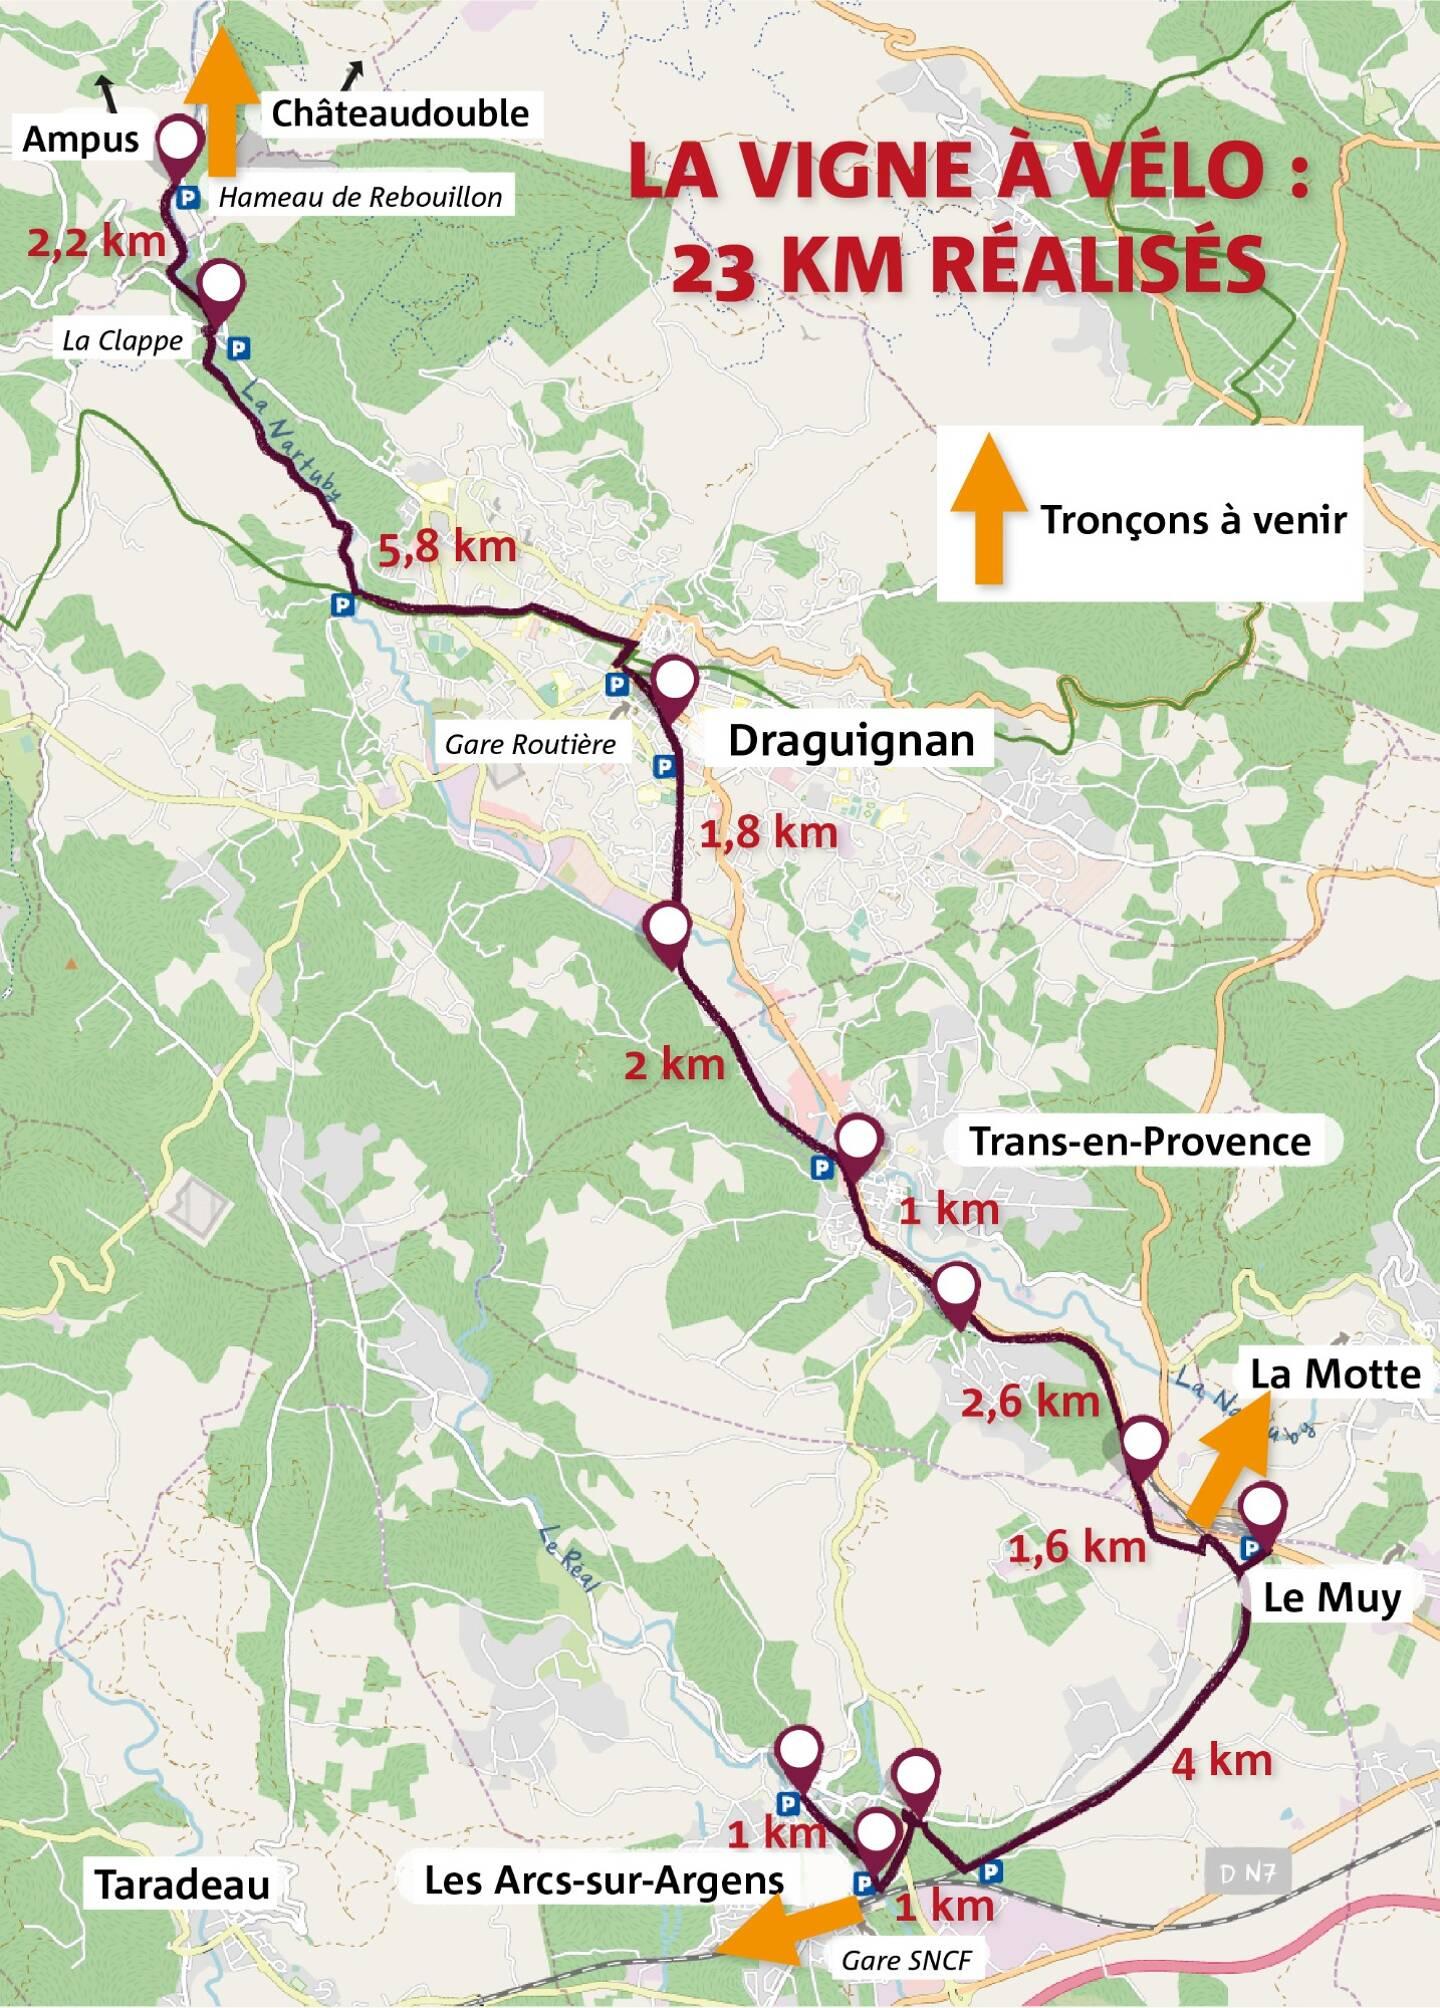 De nouveaux tronçons sont attendus notamment en direction de La Motte, Taradeau, Vidauban et Lorgues pour rejoindre la Méditerranée à Vélo (EV8) et l'itinéraire cyclo-touristique du Var.